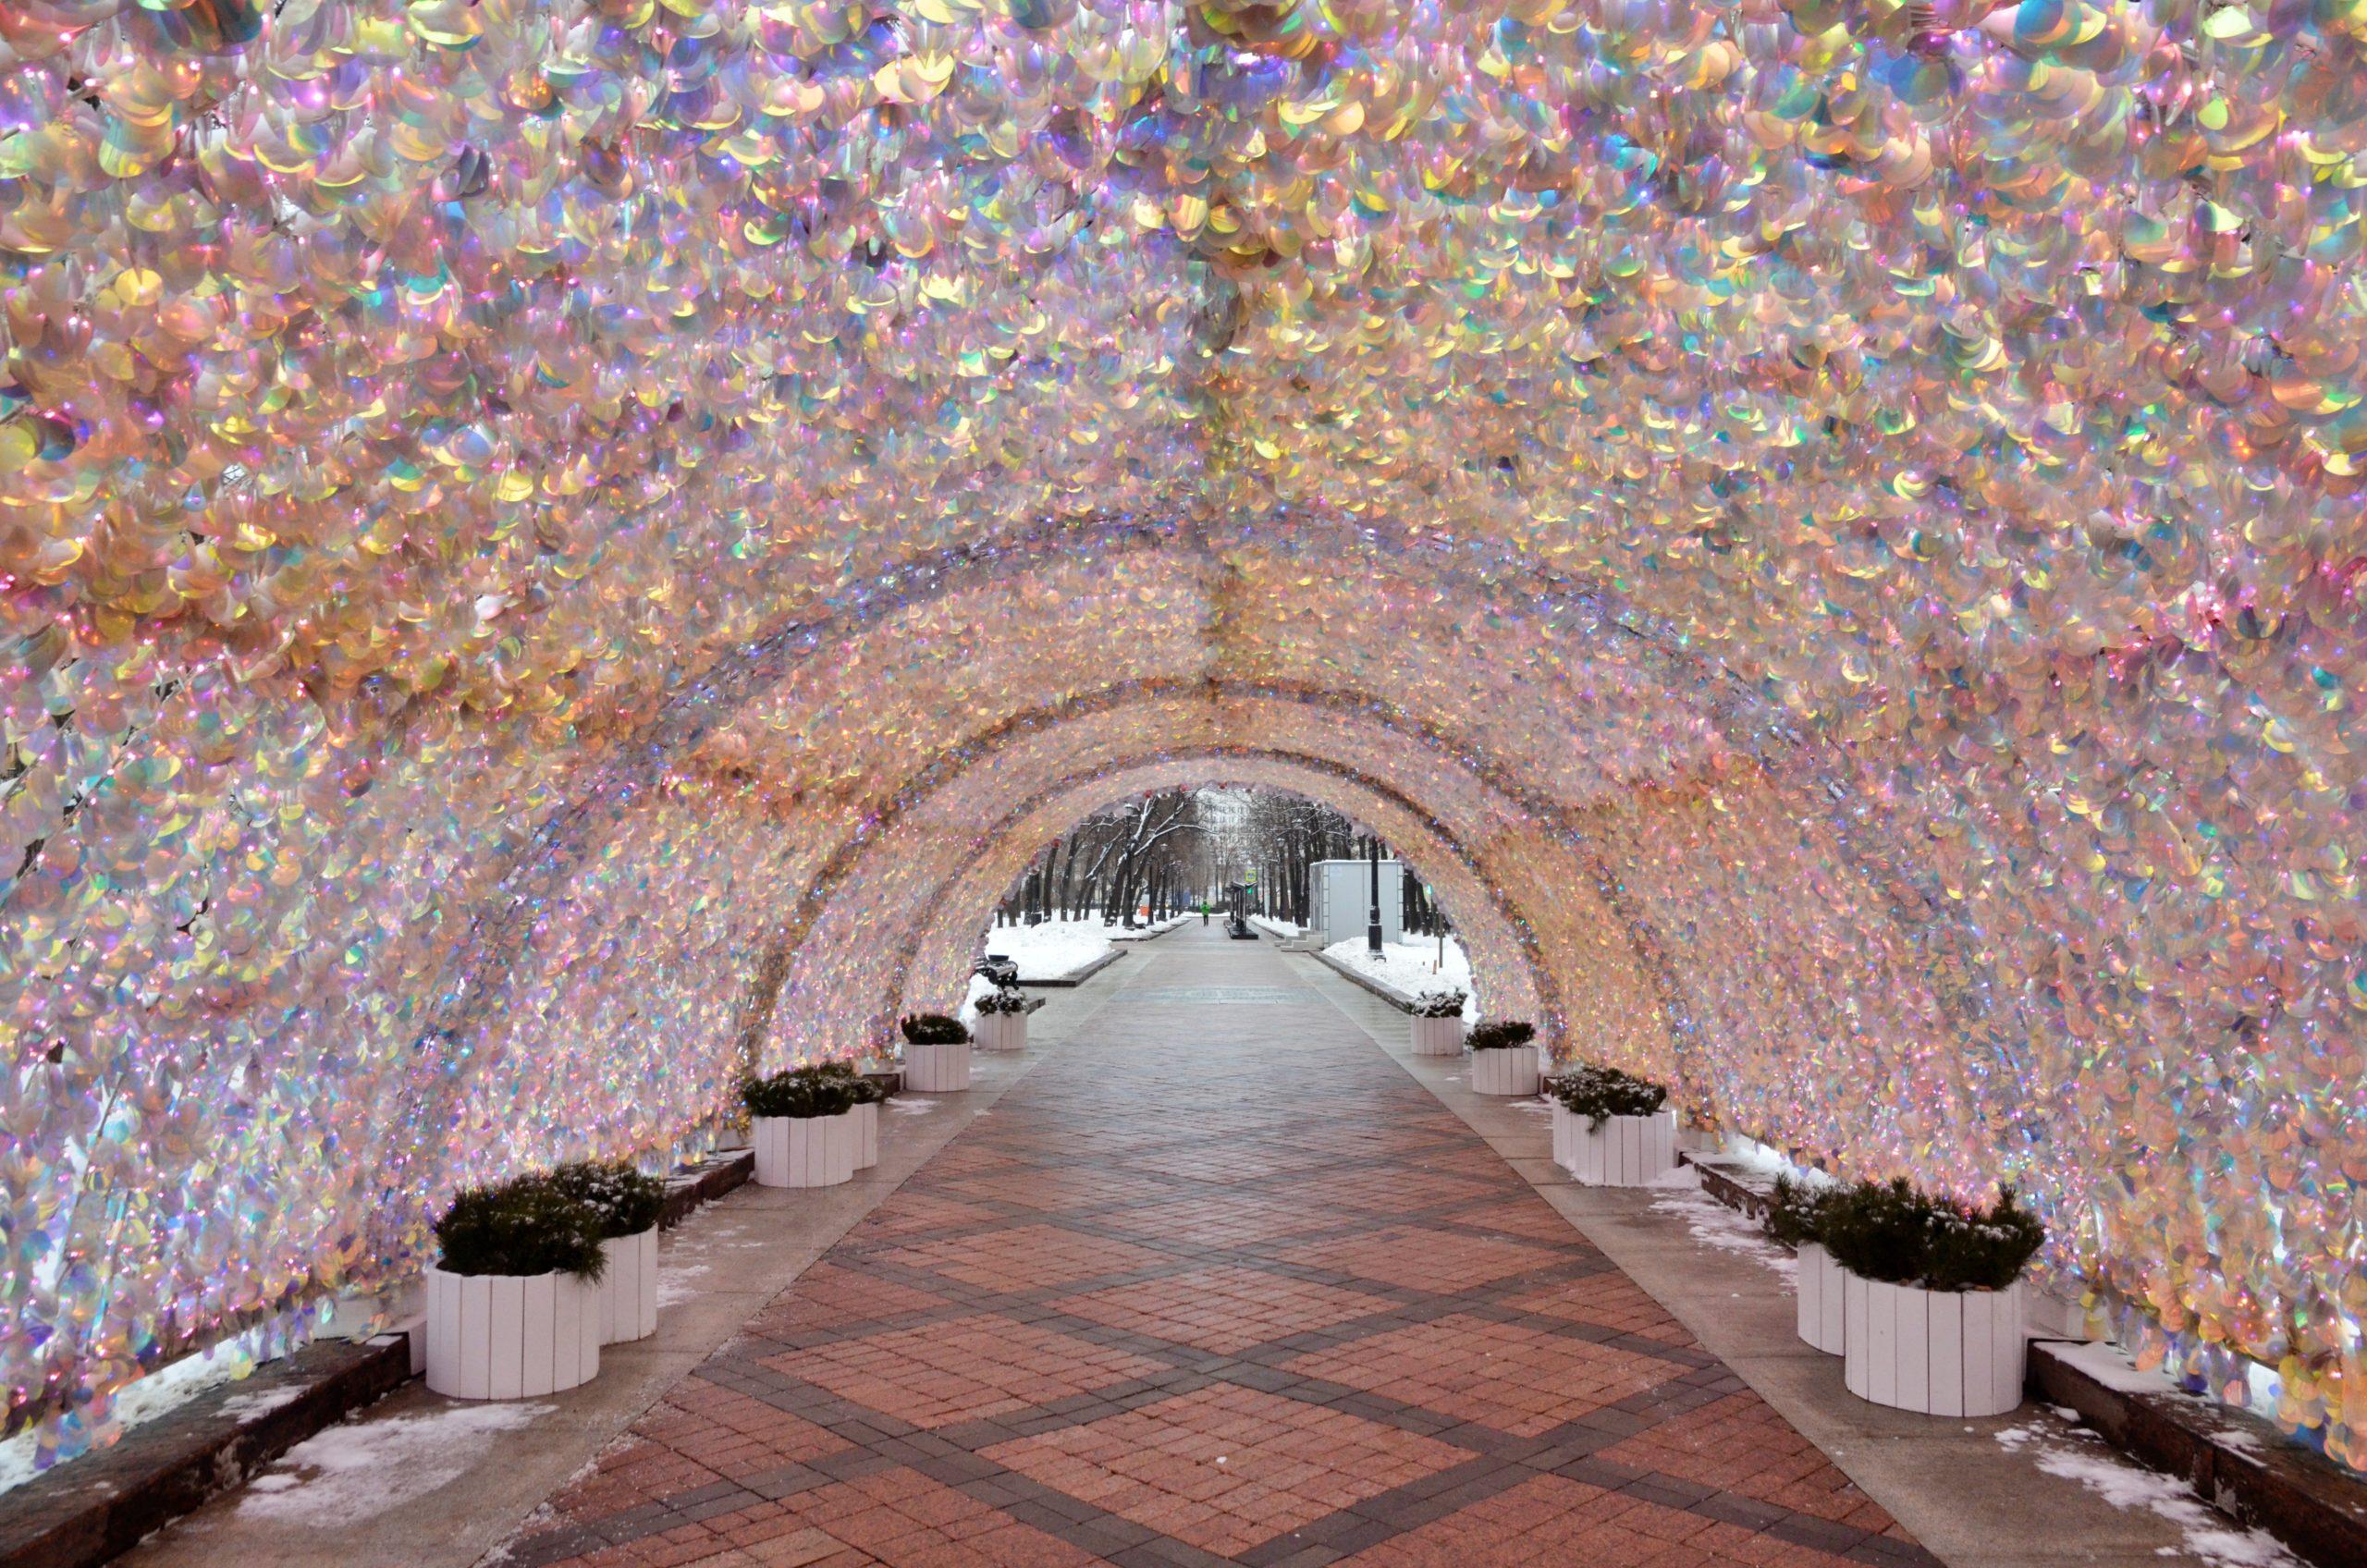 На московских улицах установлено 4 тыс больших и малых световых конструкций. Фото: Анна Быкова